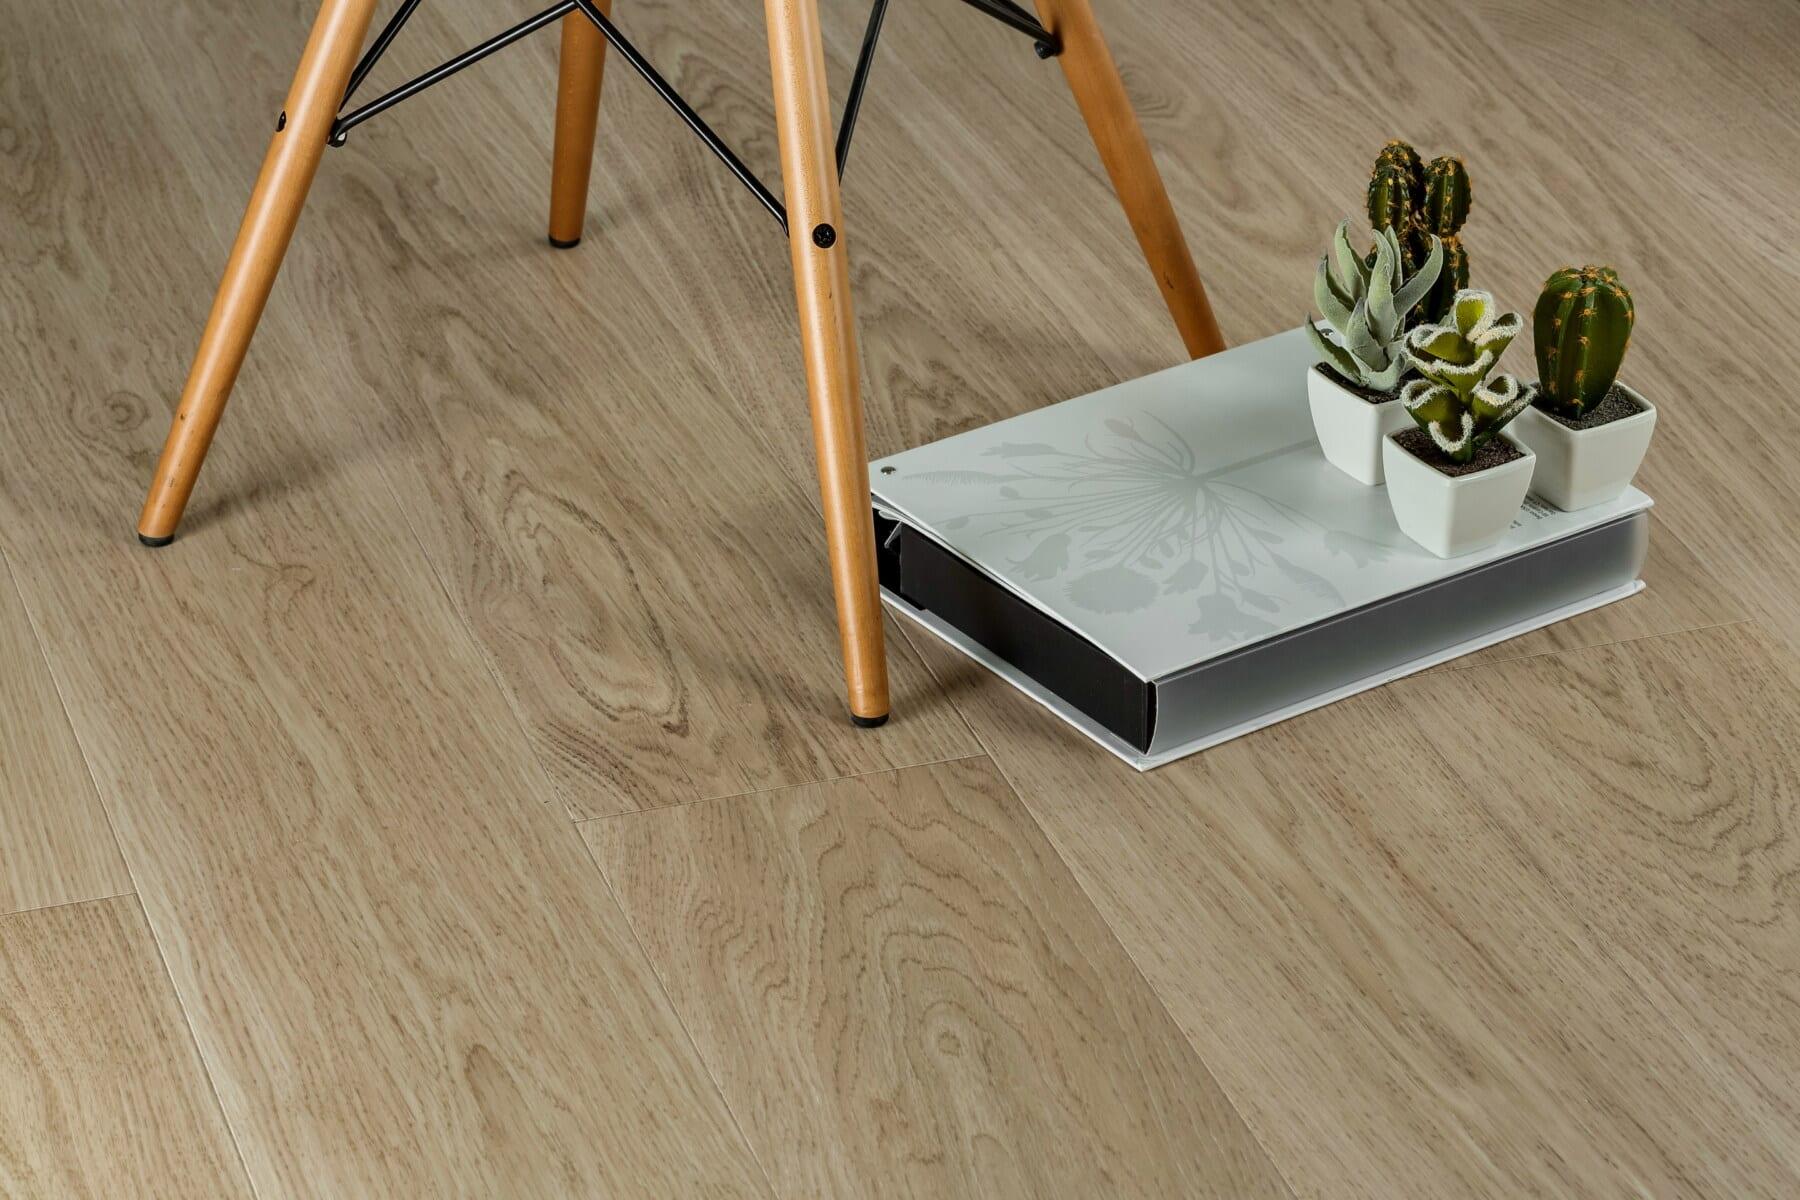 miniature, reol, urtepotte, moderne, minimalisme, komfortabel, stol, gulvet, boligindretning, træ